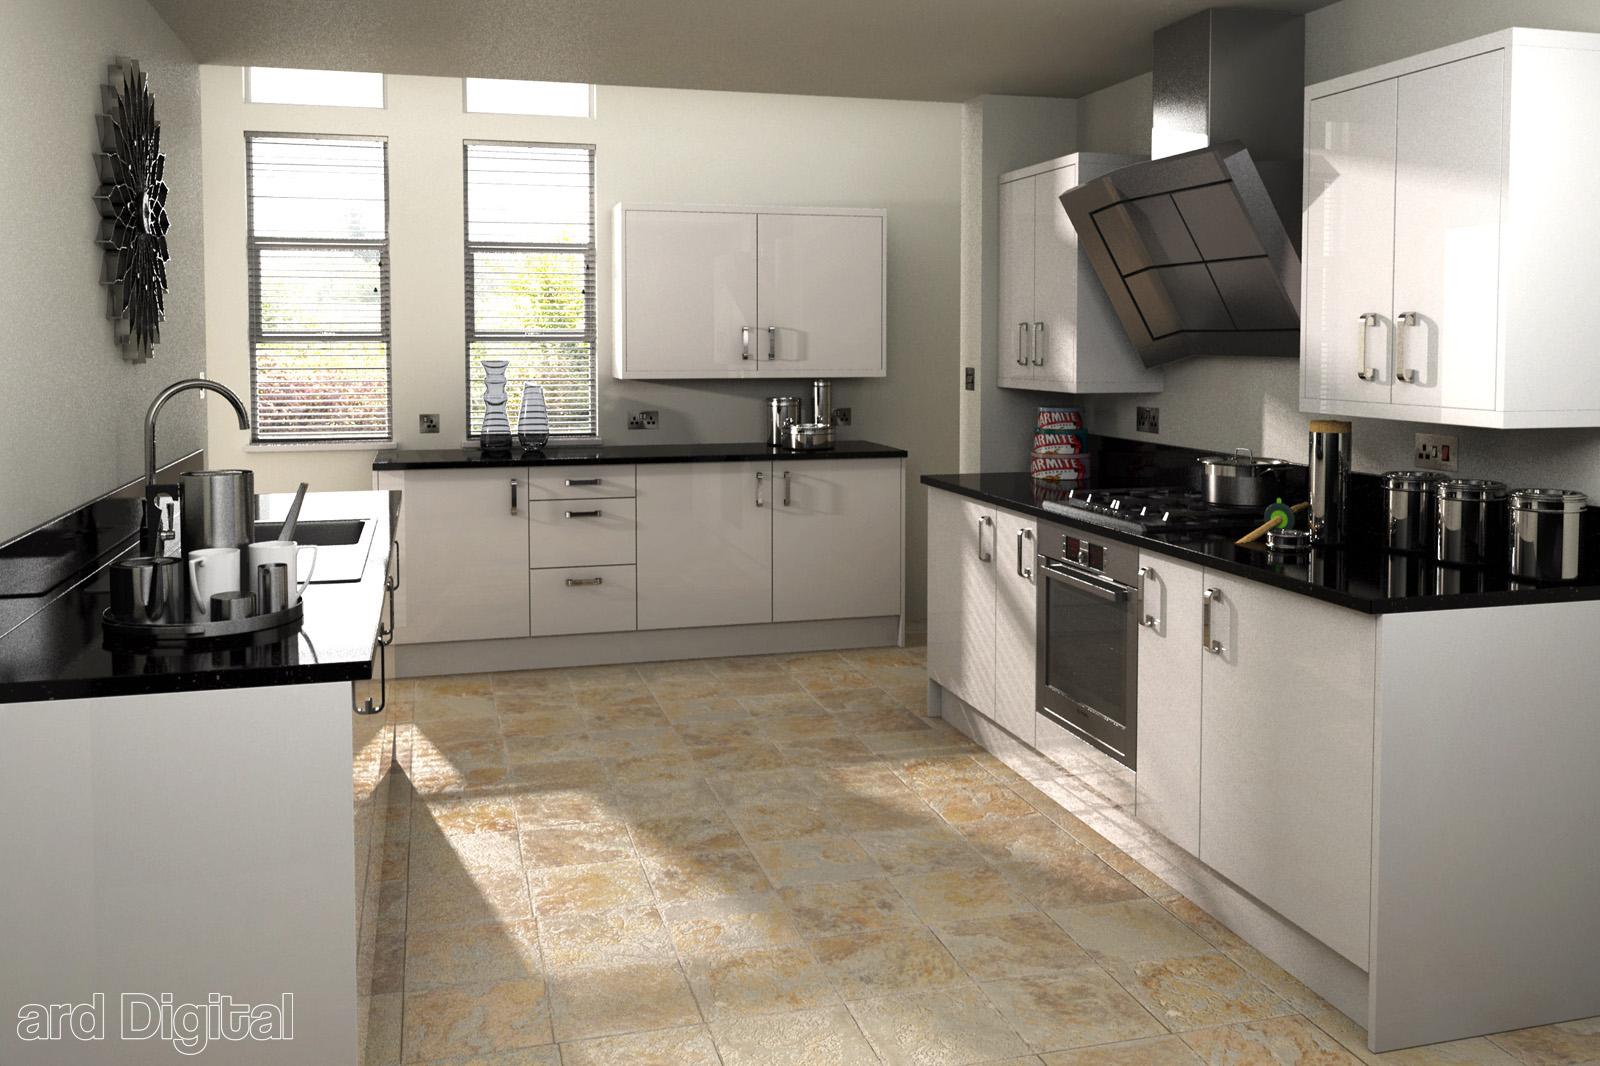 interior kitchen dekorasi modern dapur desain interior kitchen interior design